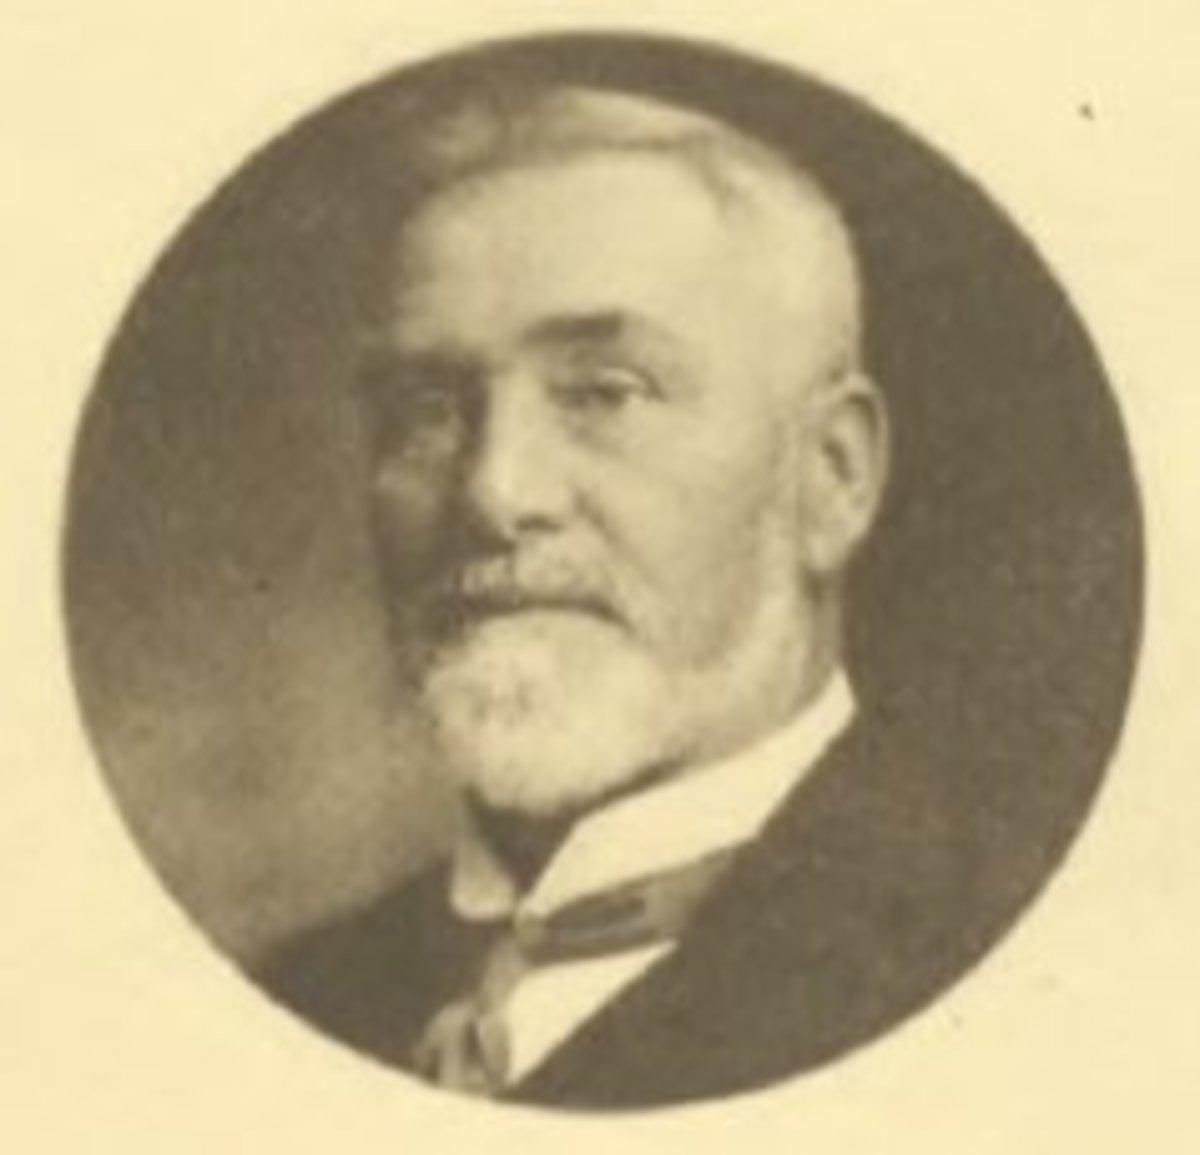 James Dunsmuir